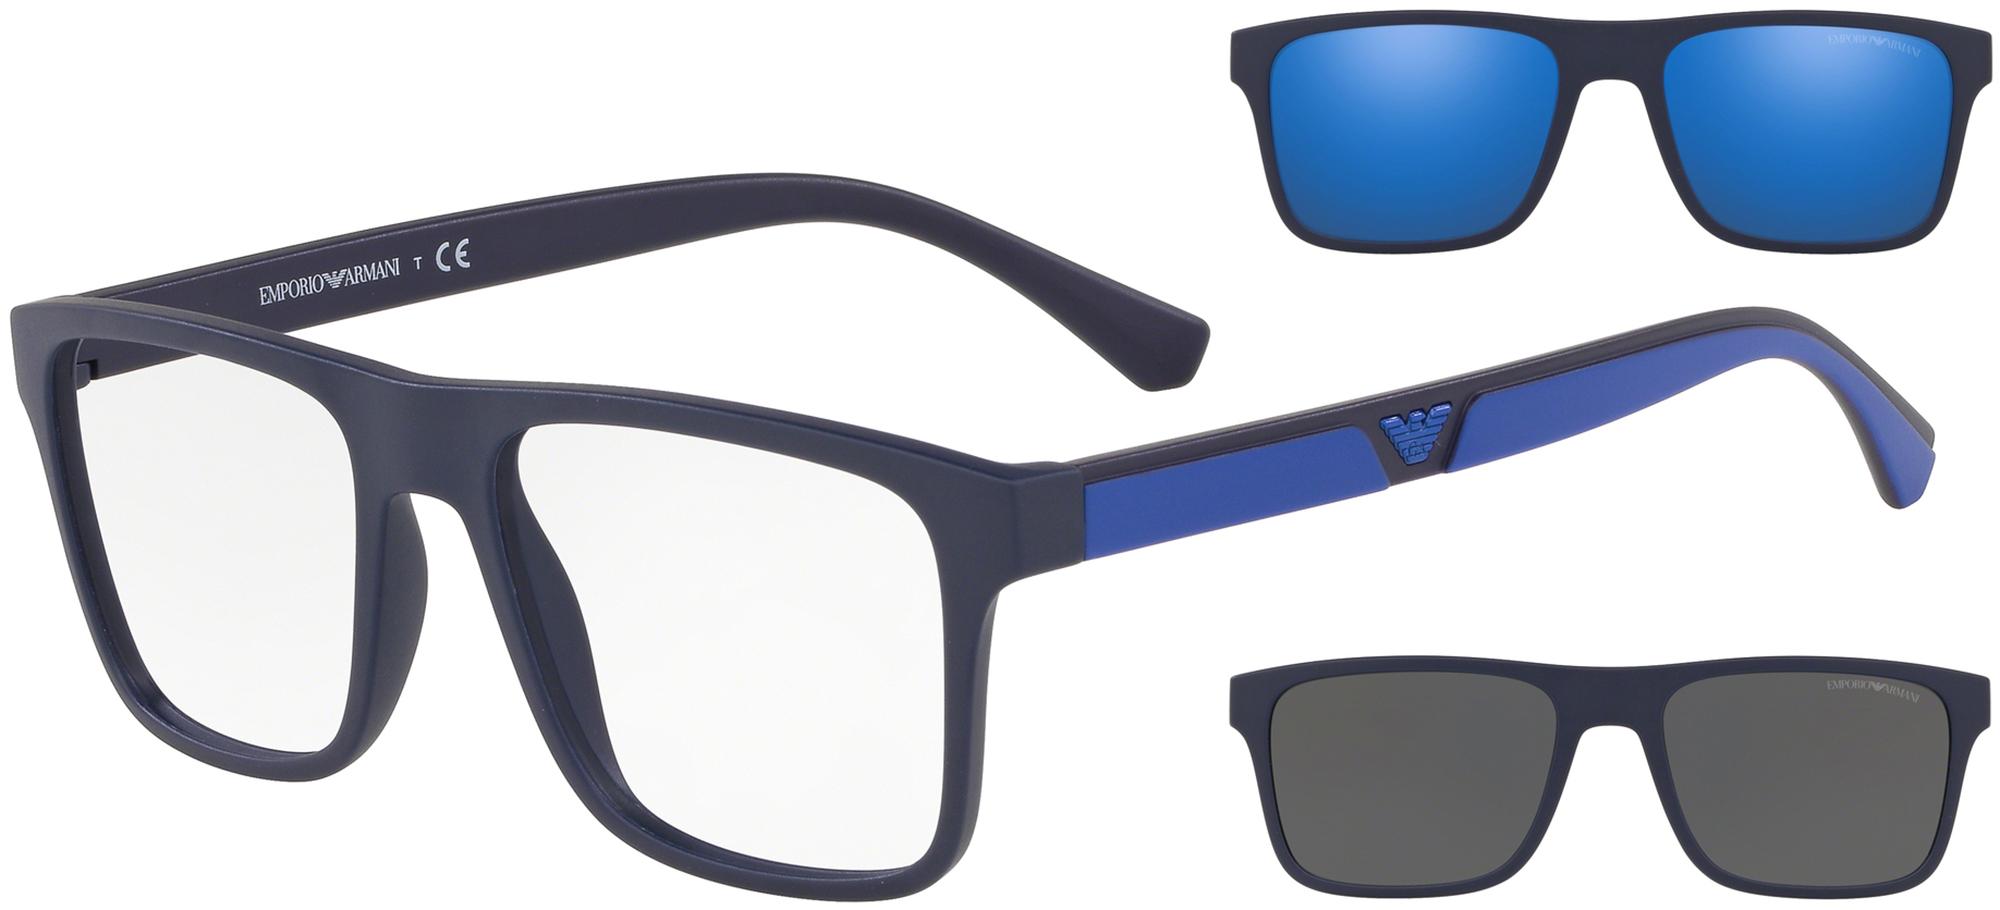 Emporio Armani Ea 4115 men Sunglasses online sale